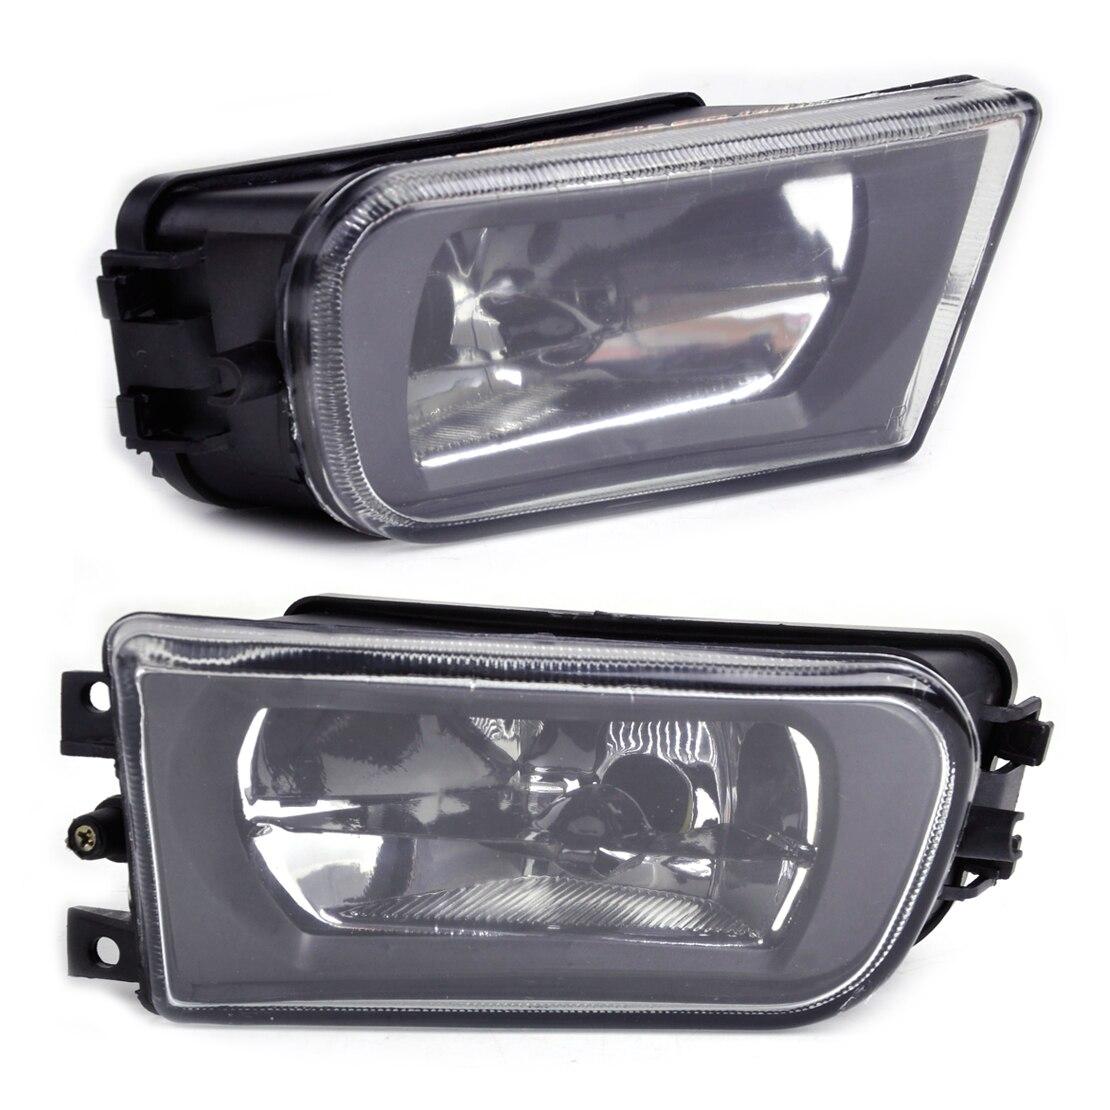 Beler Nouveau 2 pièces 12 V Lampe Antibrouillard 63178360575 63178360576 Fit pour BMW E36 Z3 E39 Série 5 528i 1997 1998 1999 2000